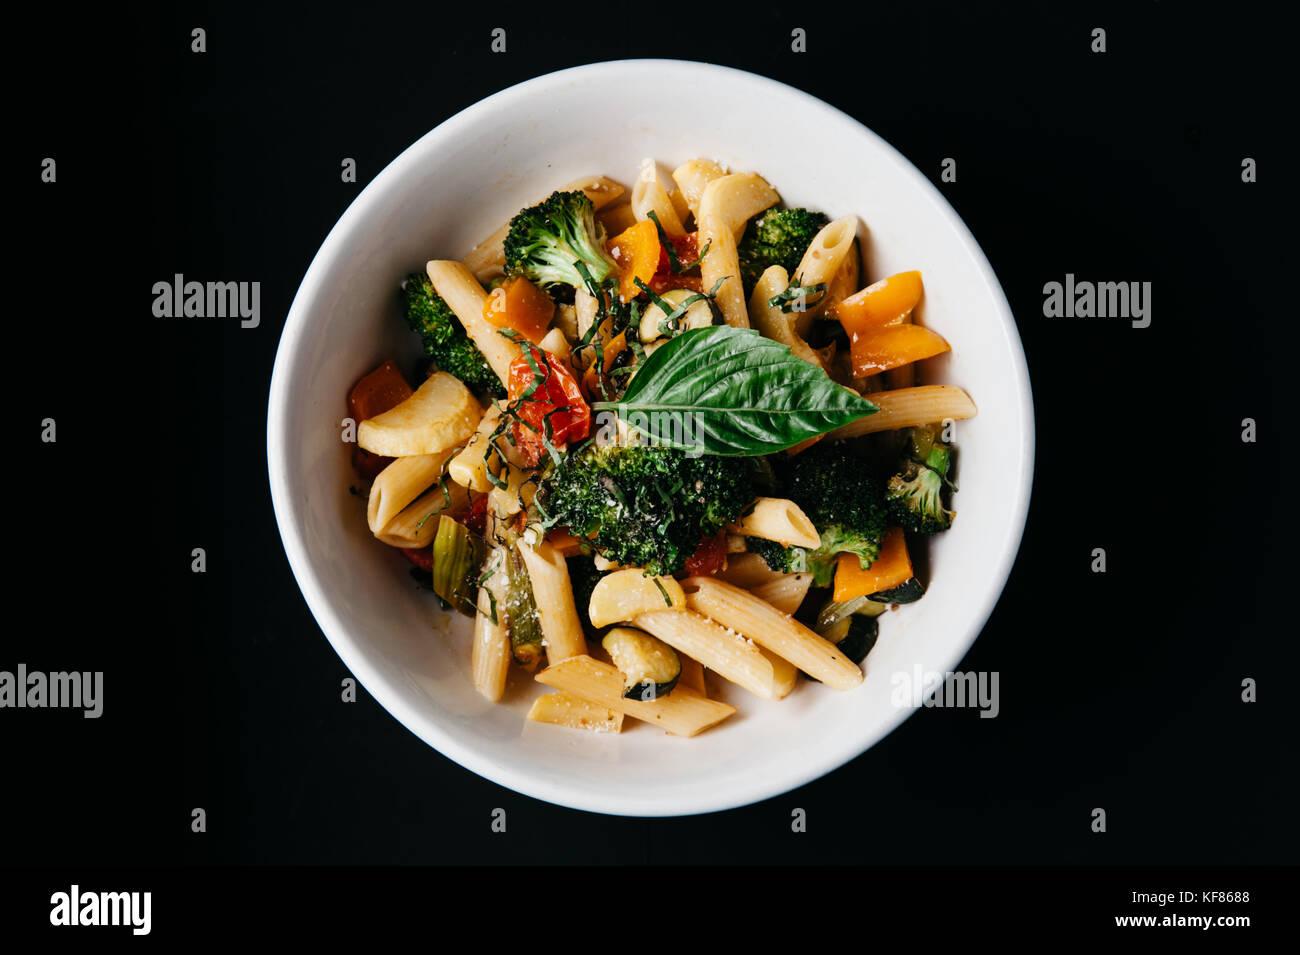 Una piastra di penne con pomodoro fresco e basilico, broccoli con olio di oliva e il formaggio parmigiano reggiano Immagini Stock